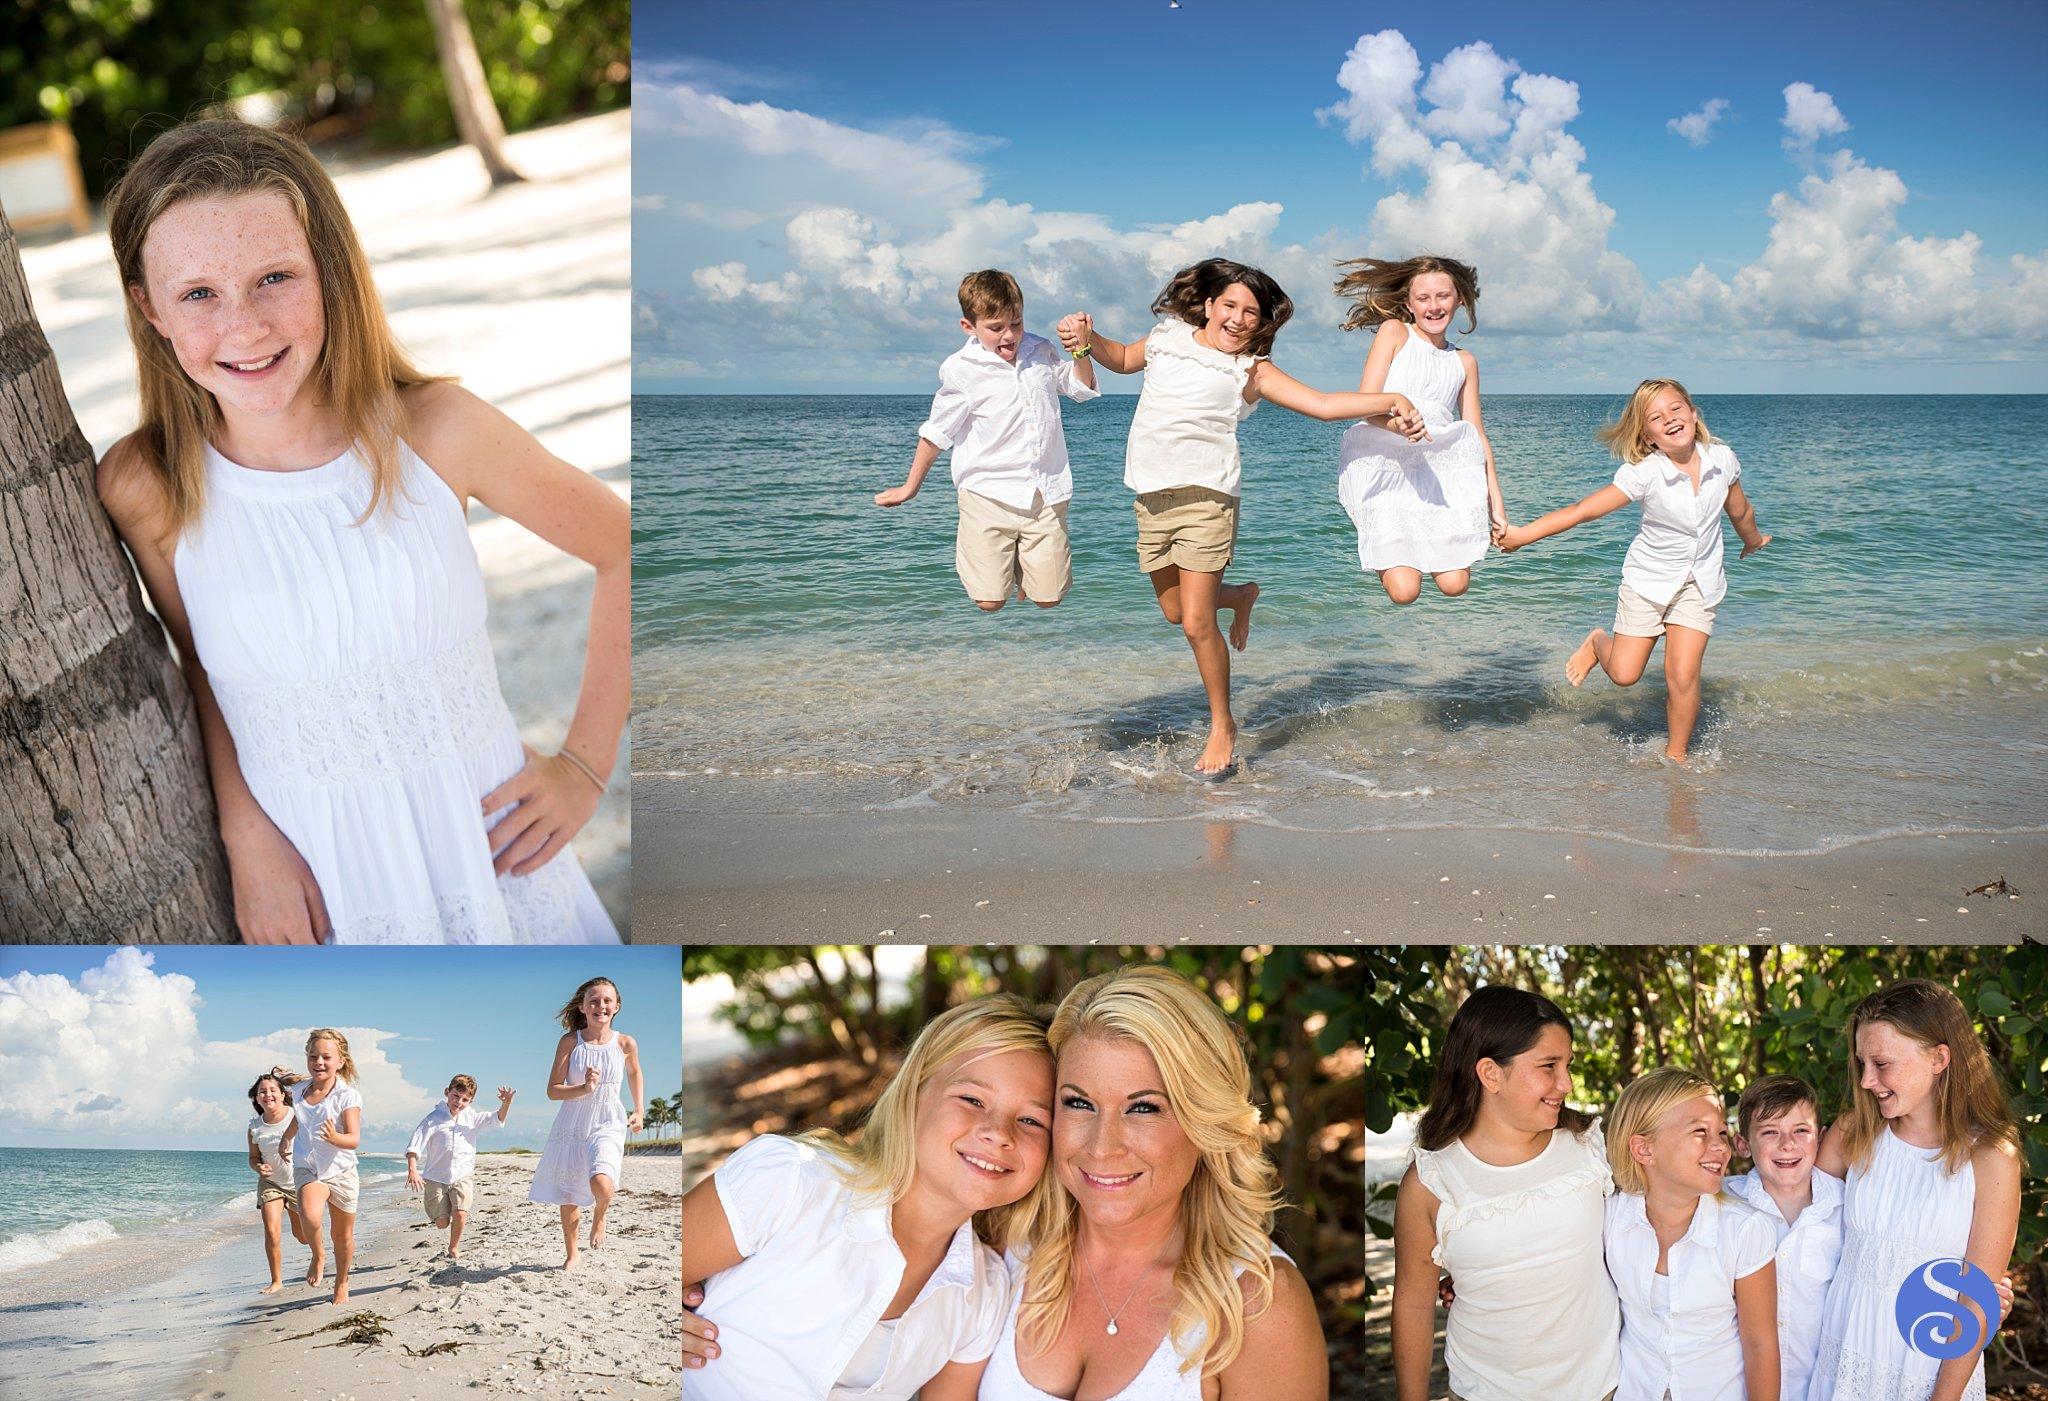 South Seas Island Resort Captiva Florida Family Vacation Photography